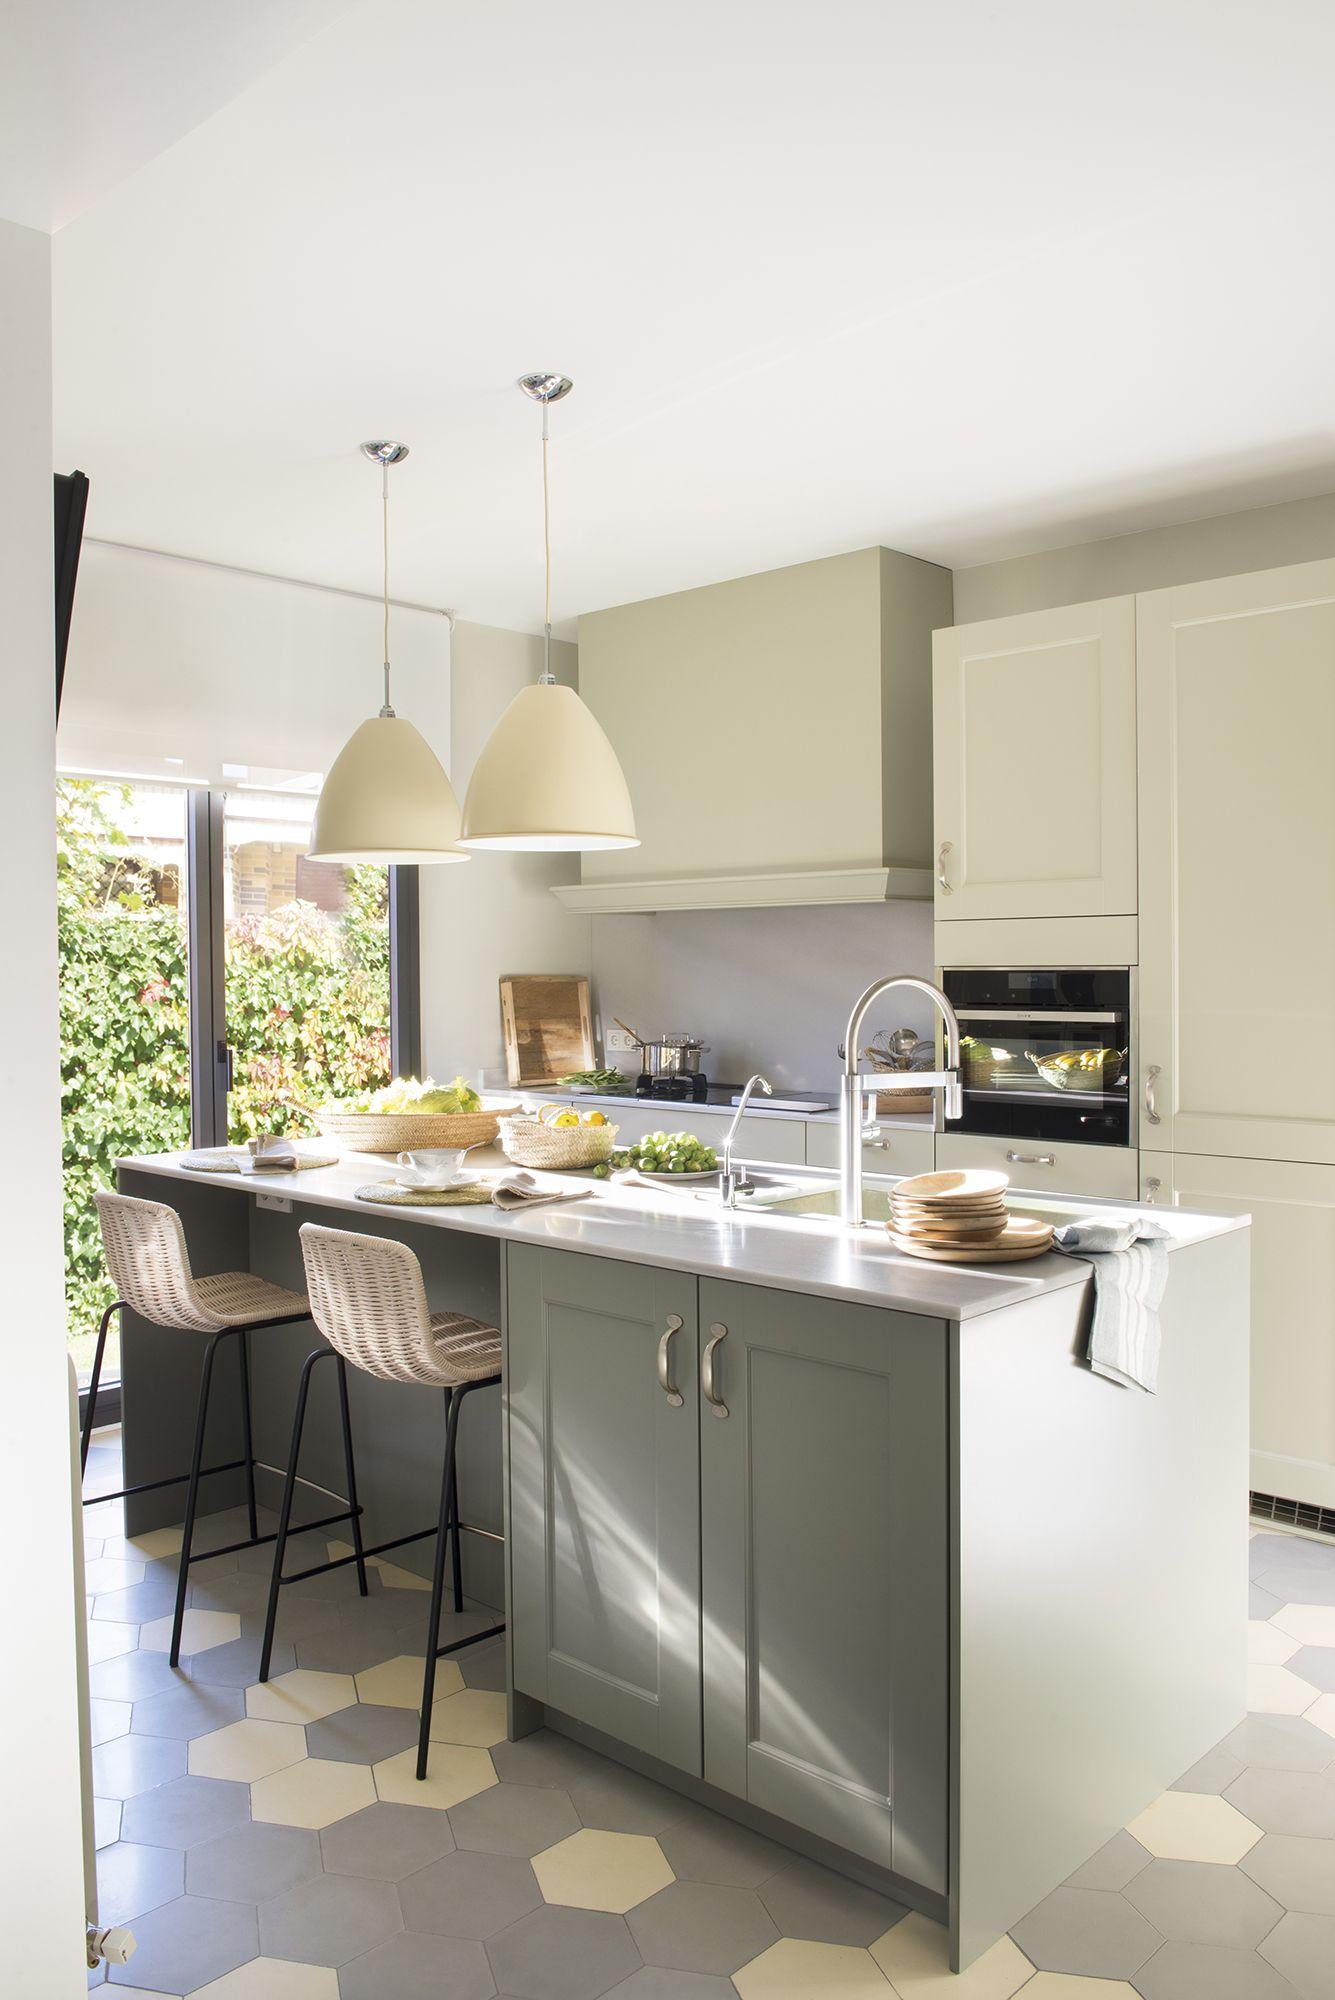 La cocina con isla es muy cómoda | diseño interior e ideas ...